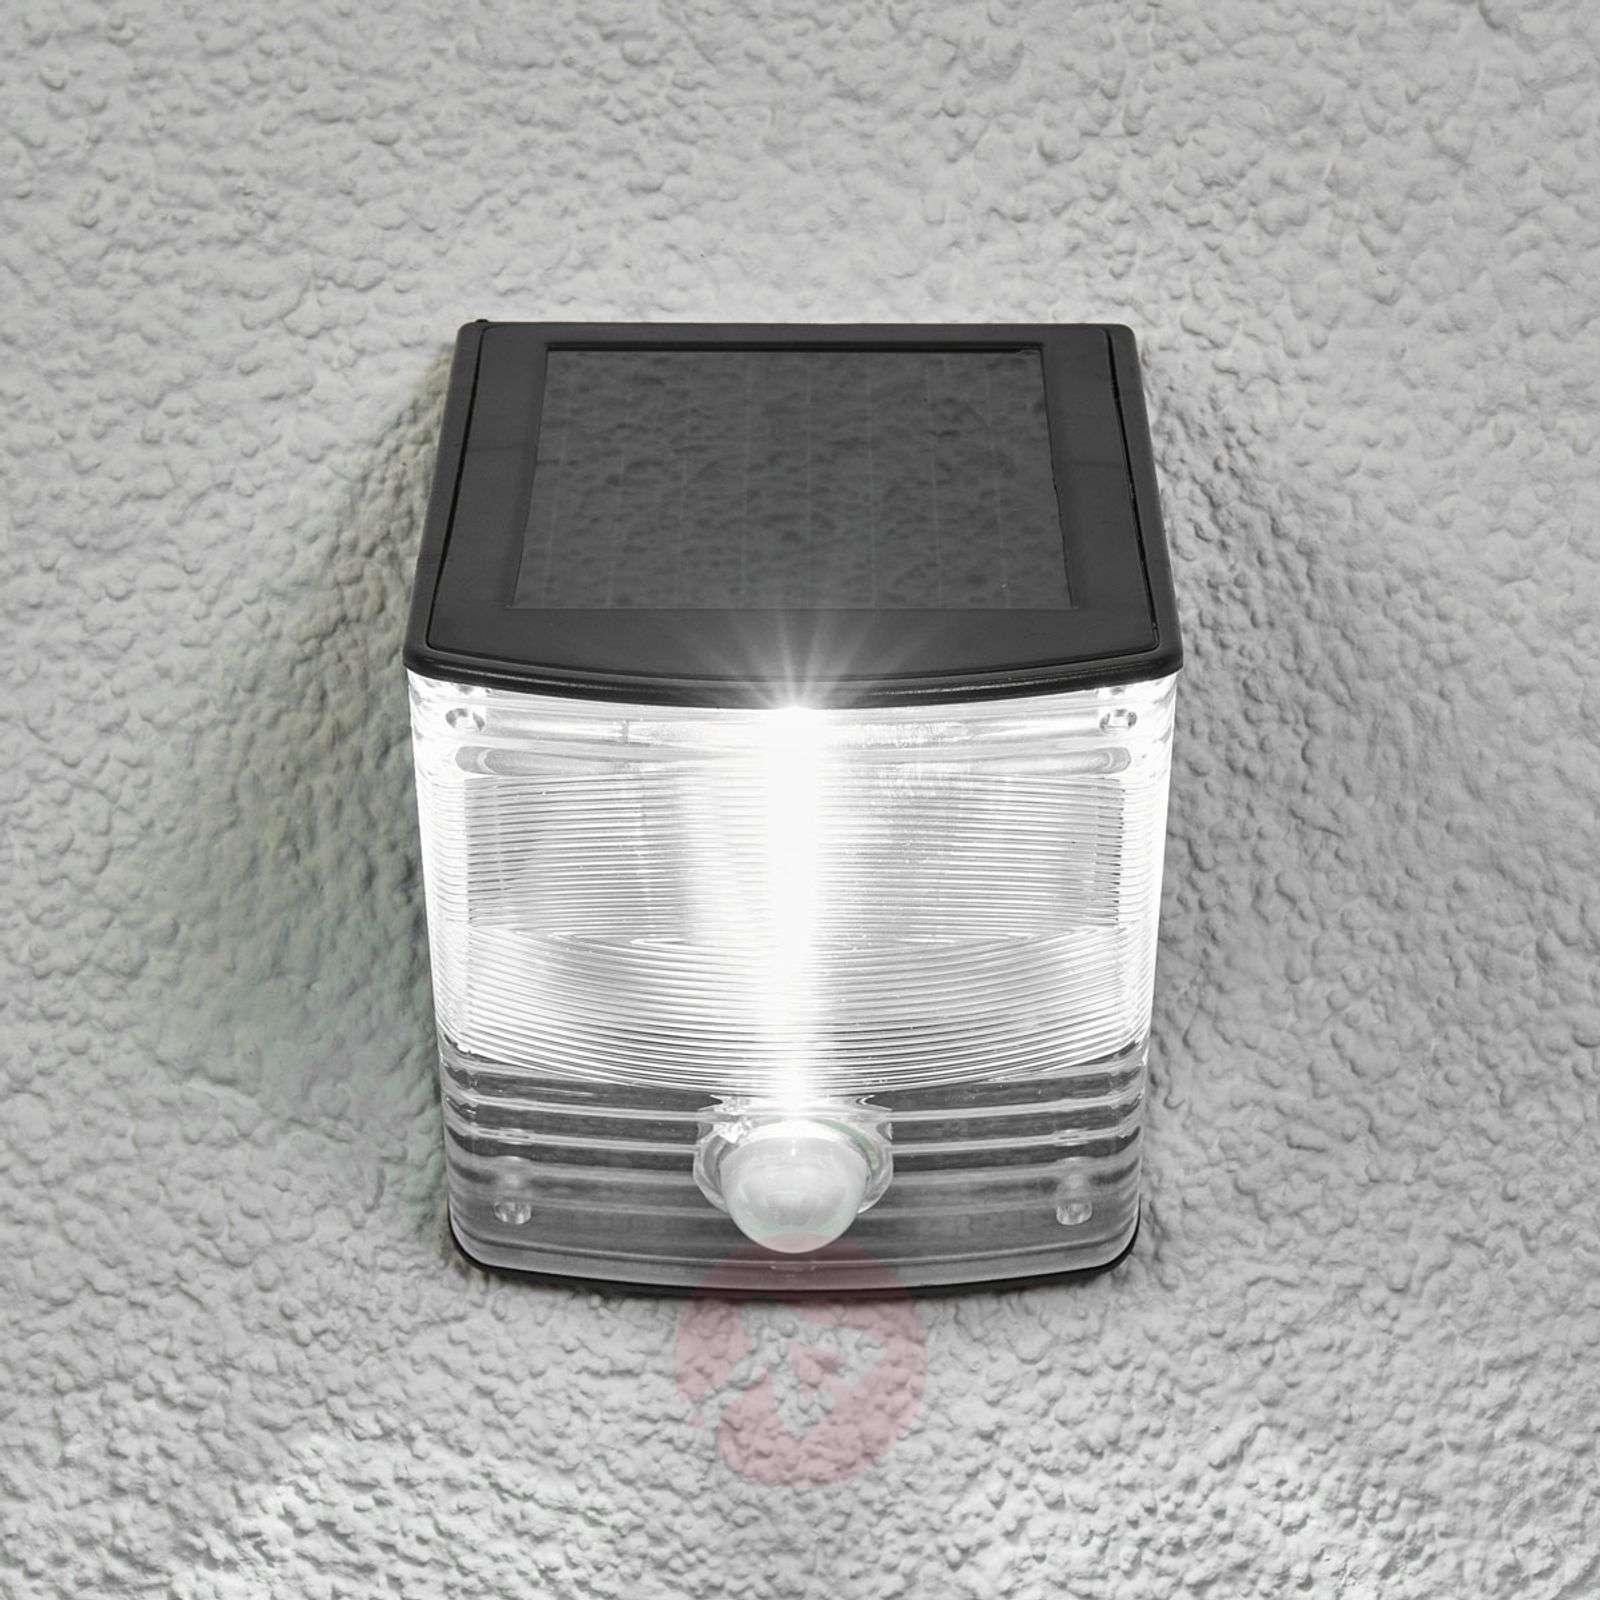 Aurinkokäyt. LED-seinävalo SOL 04 IP44-luok. musta-1540166-01